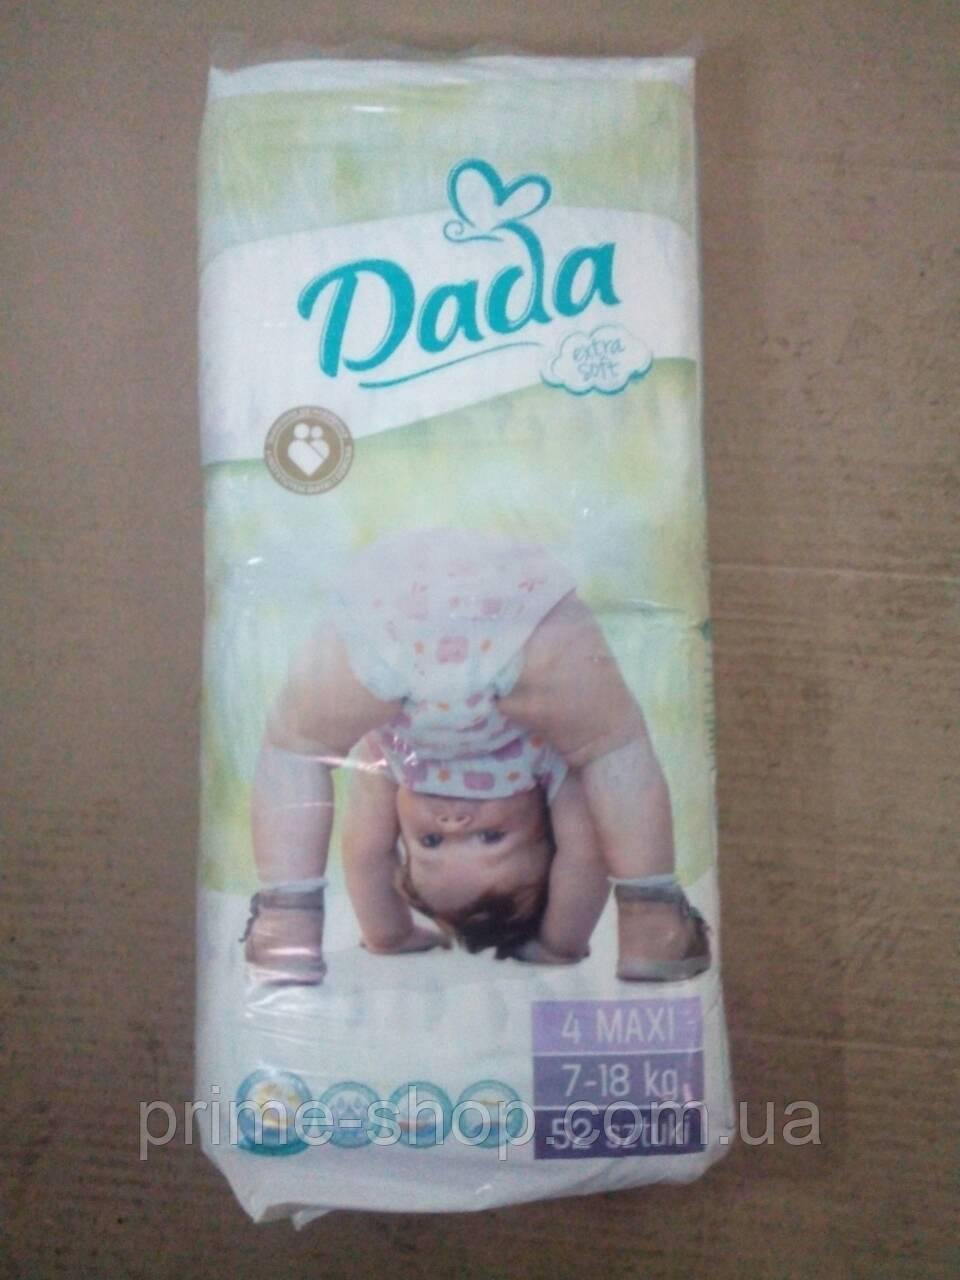 Подгузники Дада Dada Extra Soft 4 Maxi - Интернет-магазин актуальных  товаров PRIME-SHOP f4d662a368e